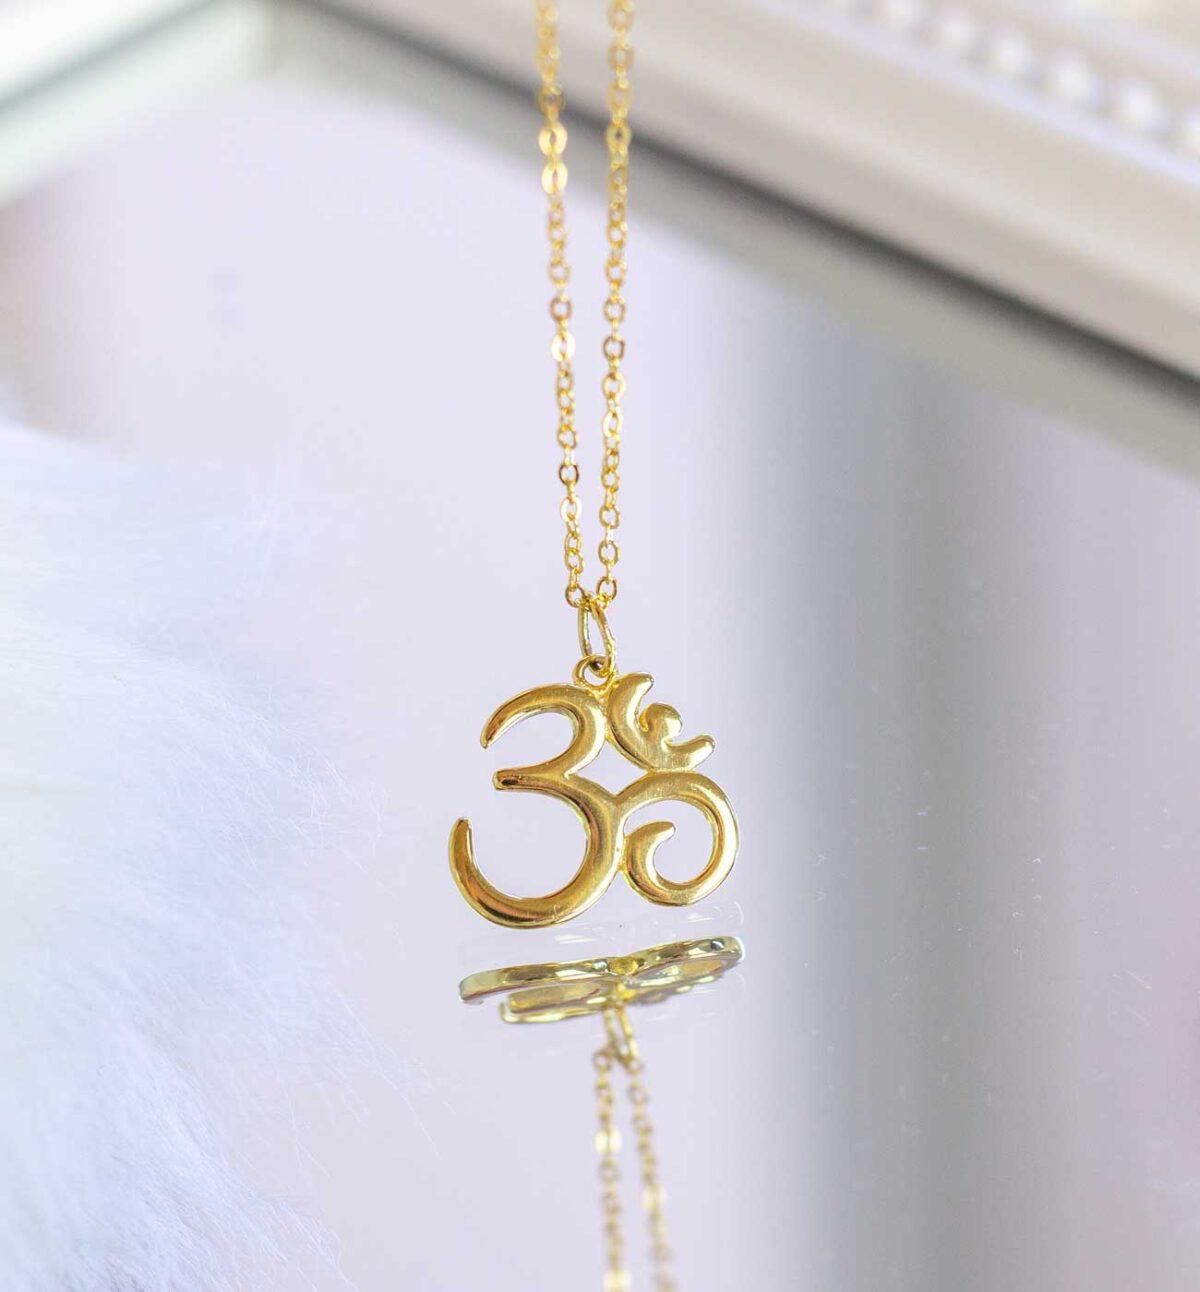 Halskette mit dem Yogasymbol OM in Gold